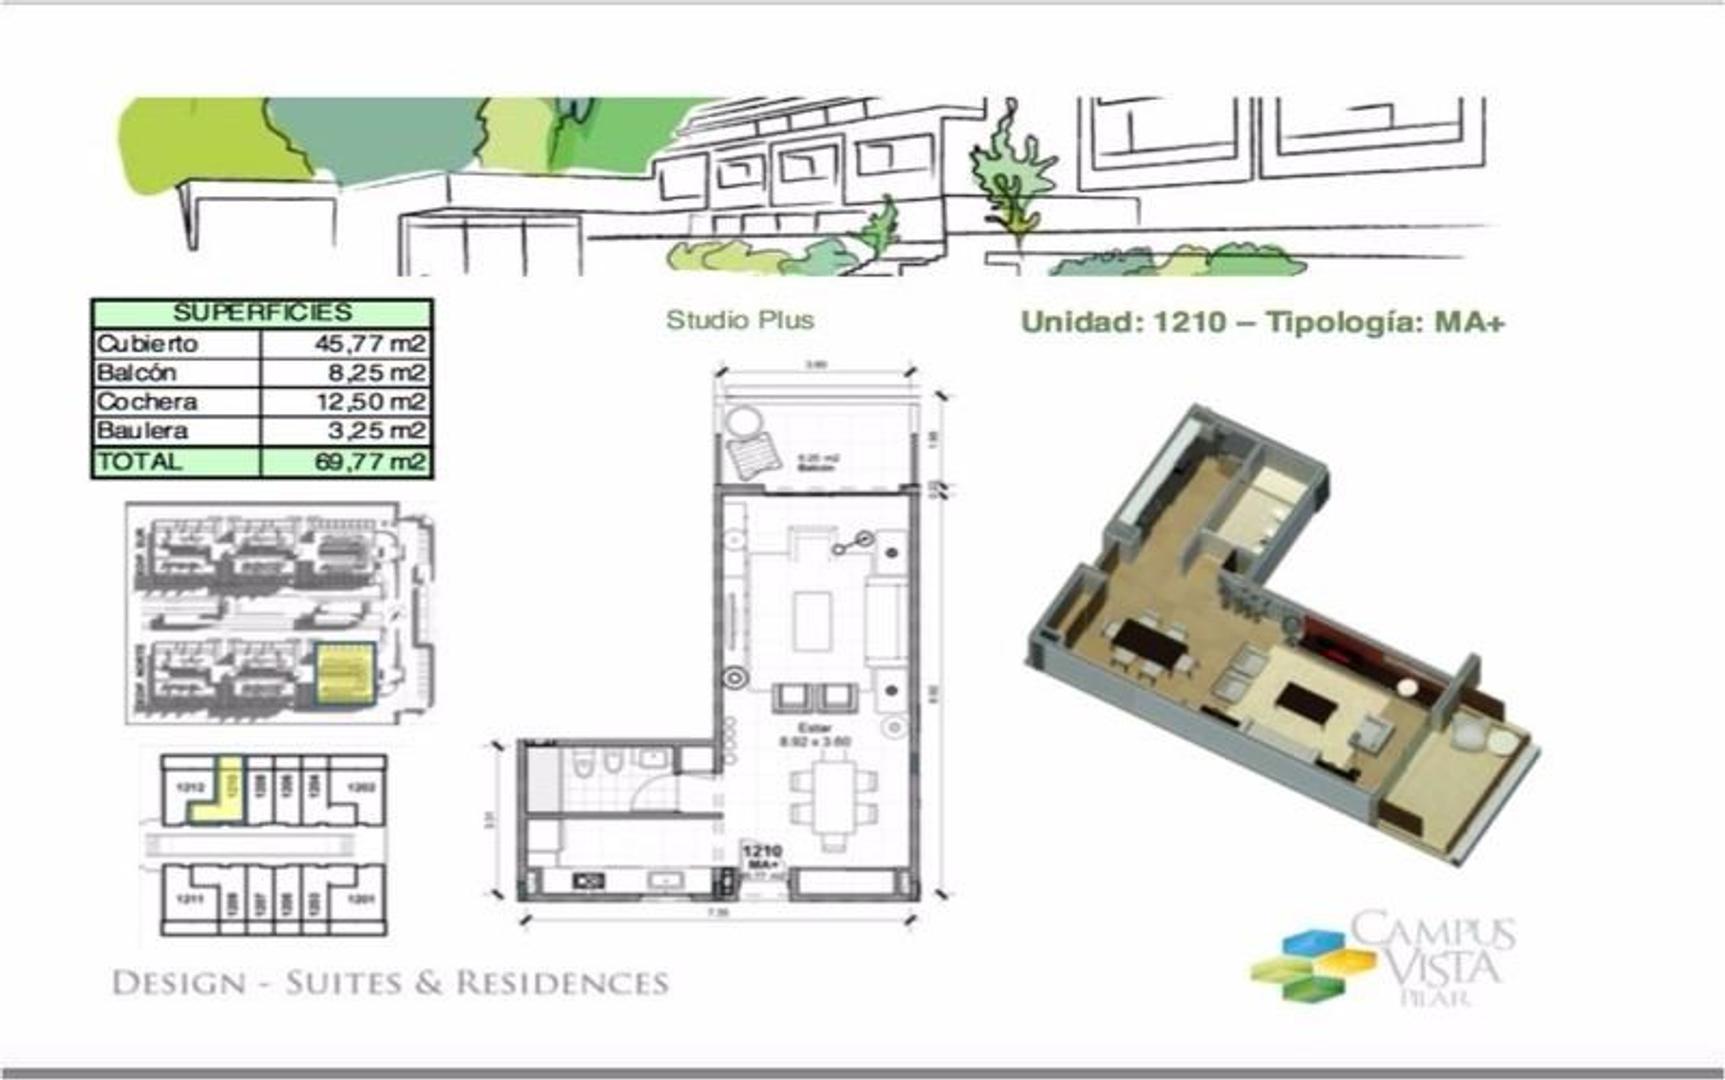 Departamento Campus Vista Pilar